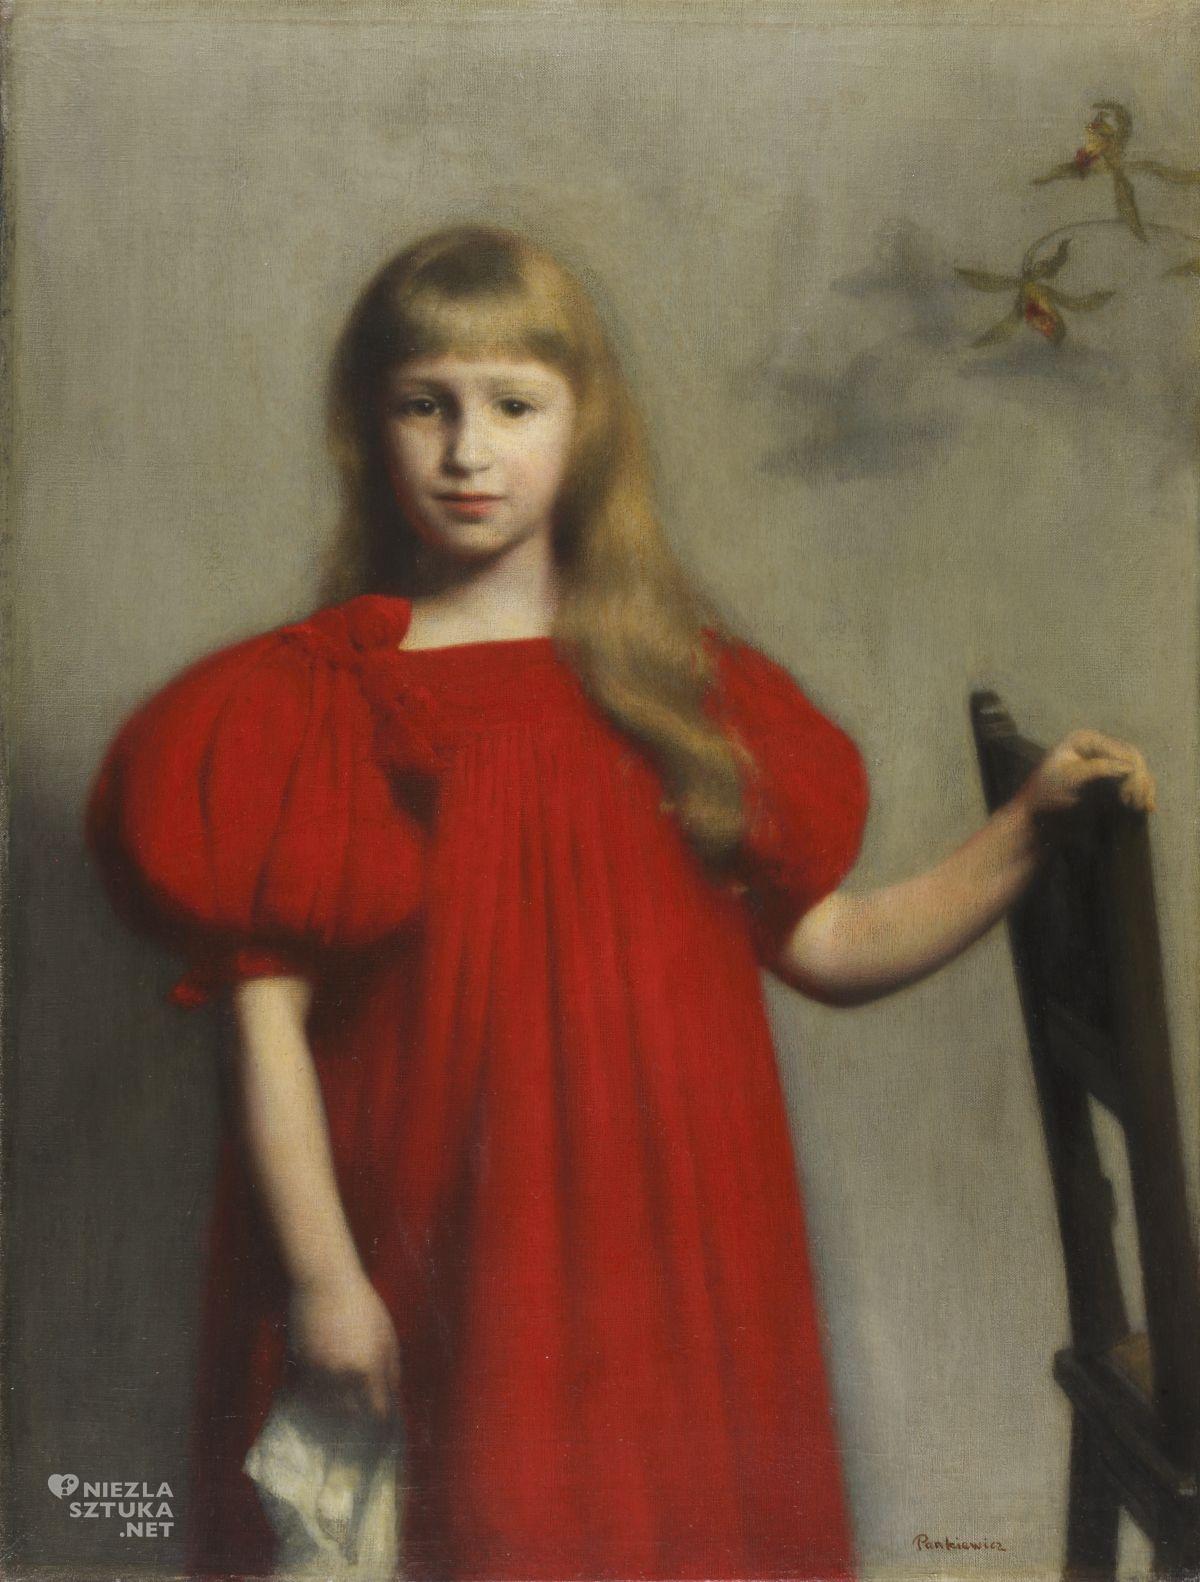 Józef Pankiewicz, Portret dziewczynki w czerwonej sukience, Portret Józefy Oderfeldówny, dziecko w sztuce, sztuka polska, malarstwo polskie, Niezła sztuka